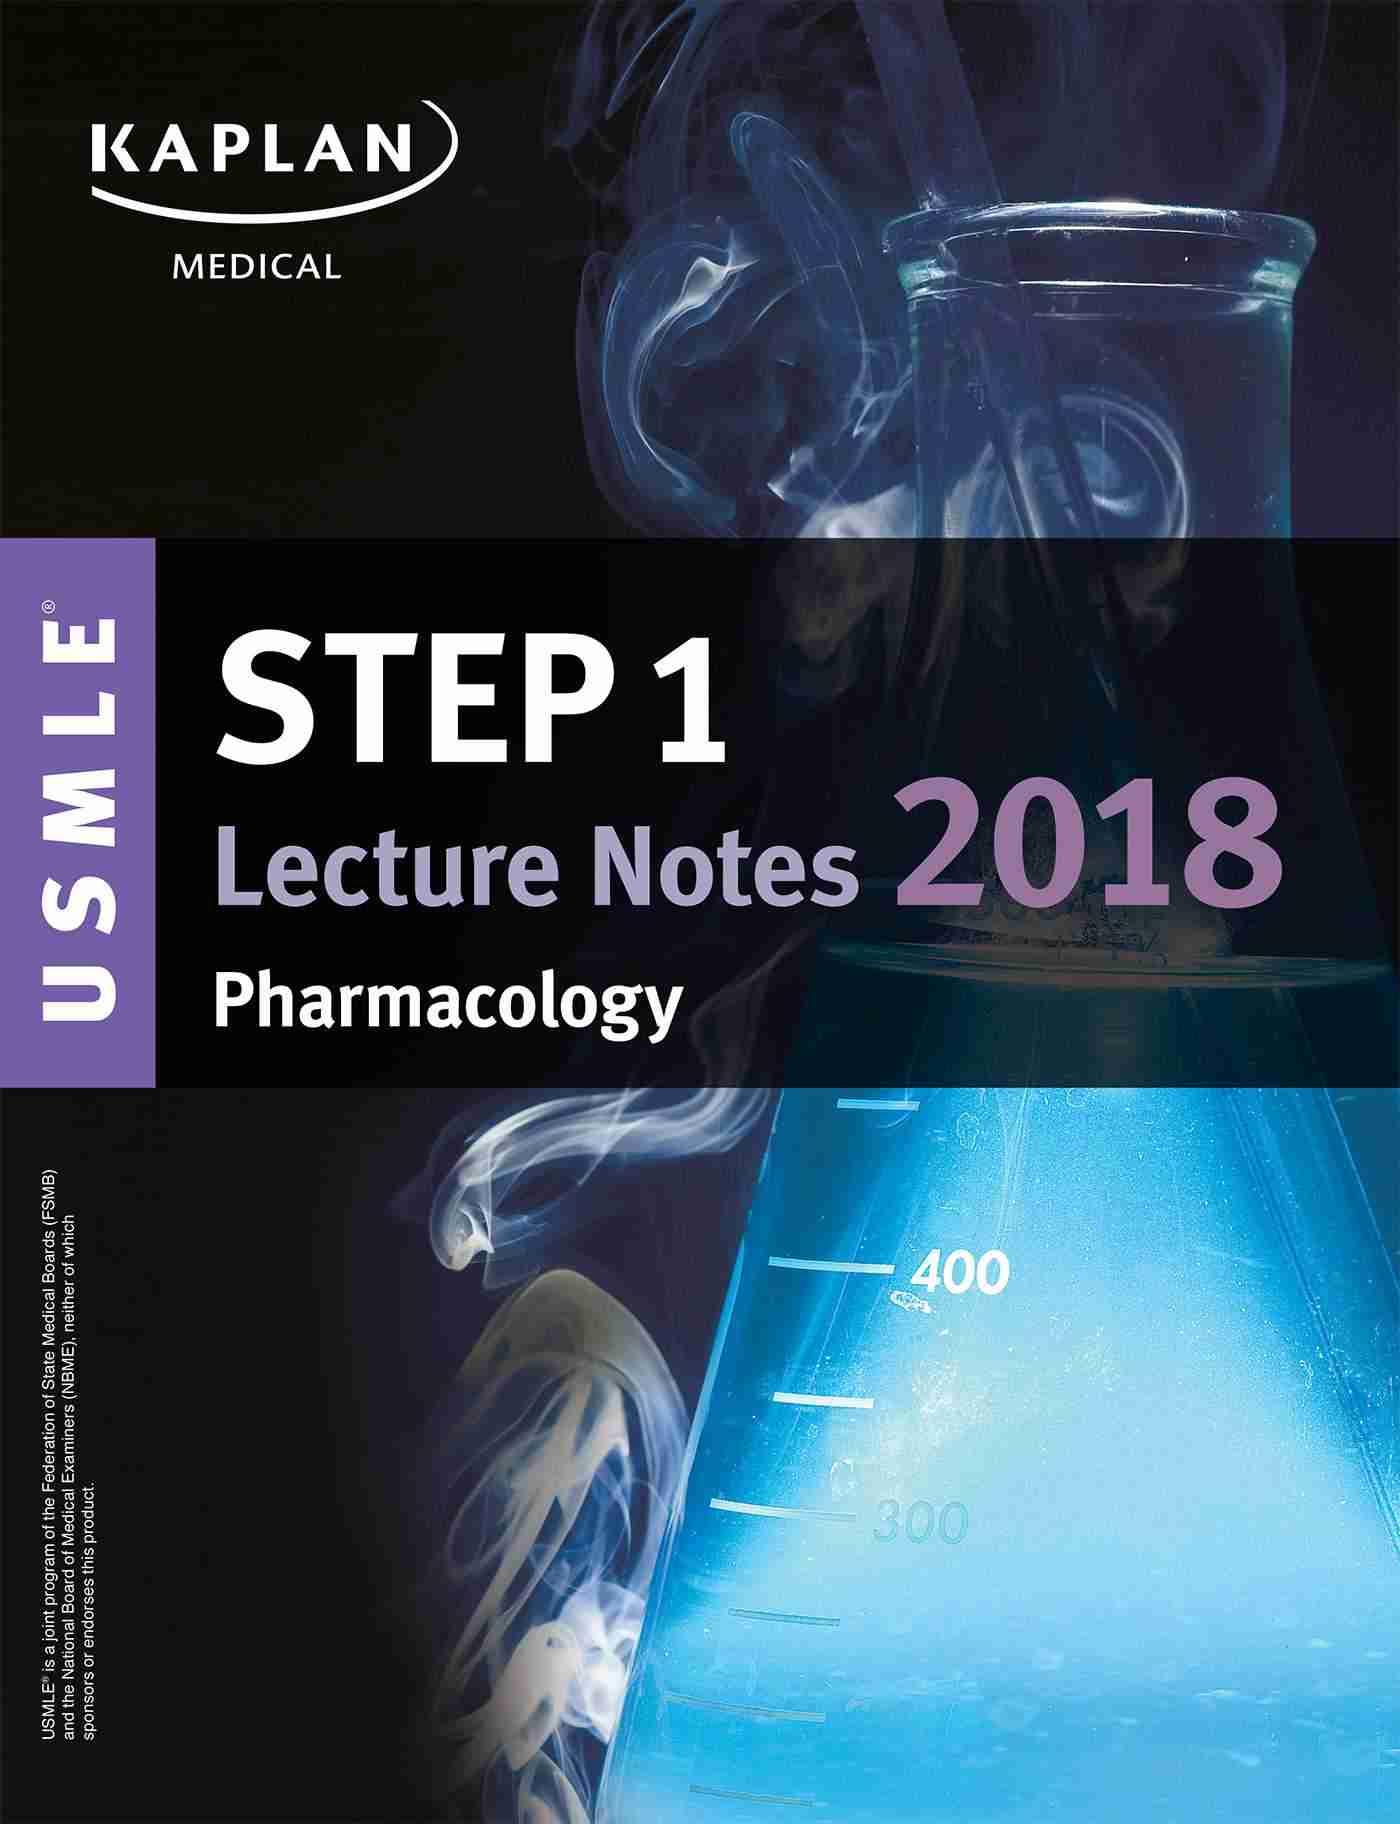 Kaplan Pharmacology